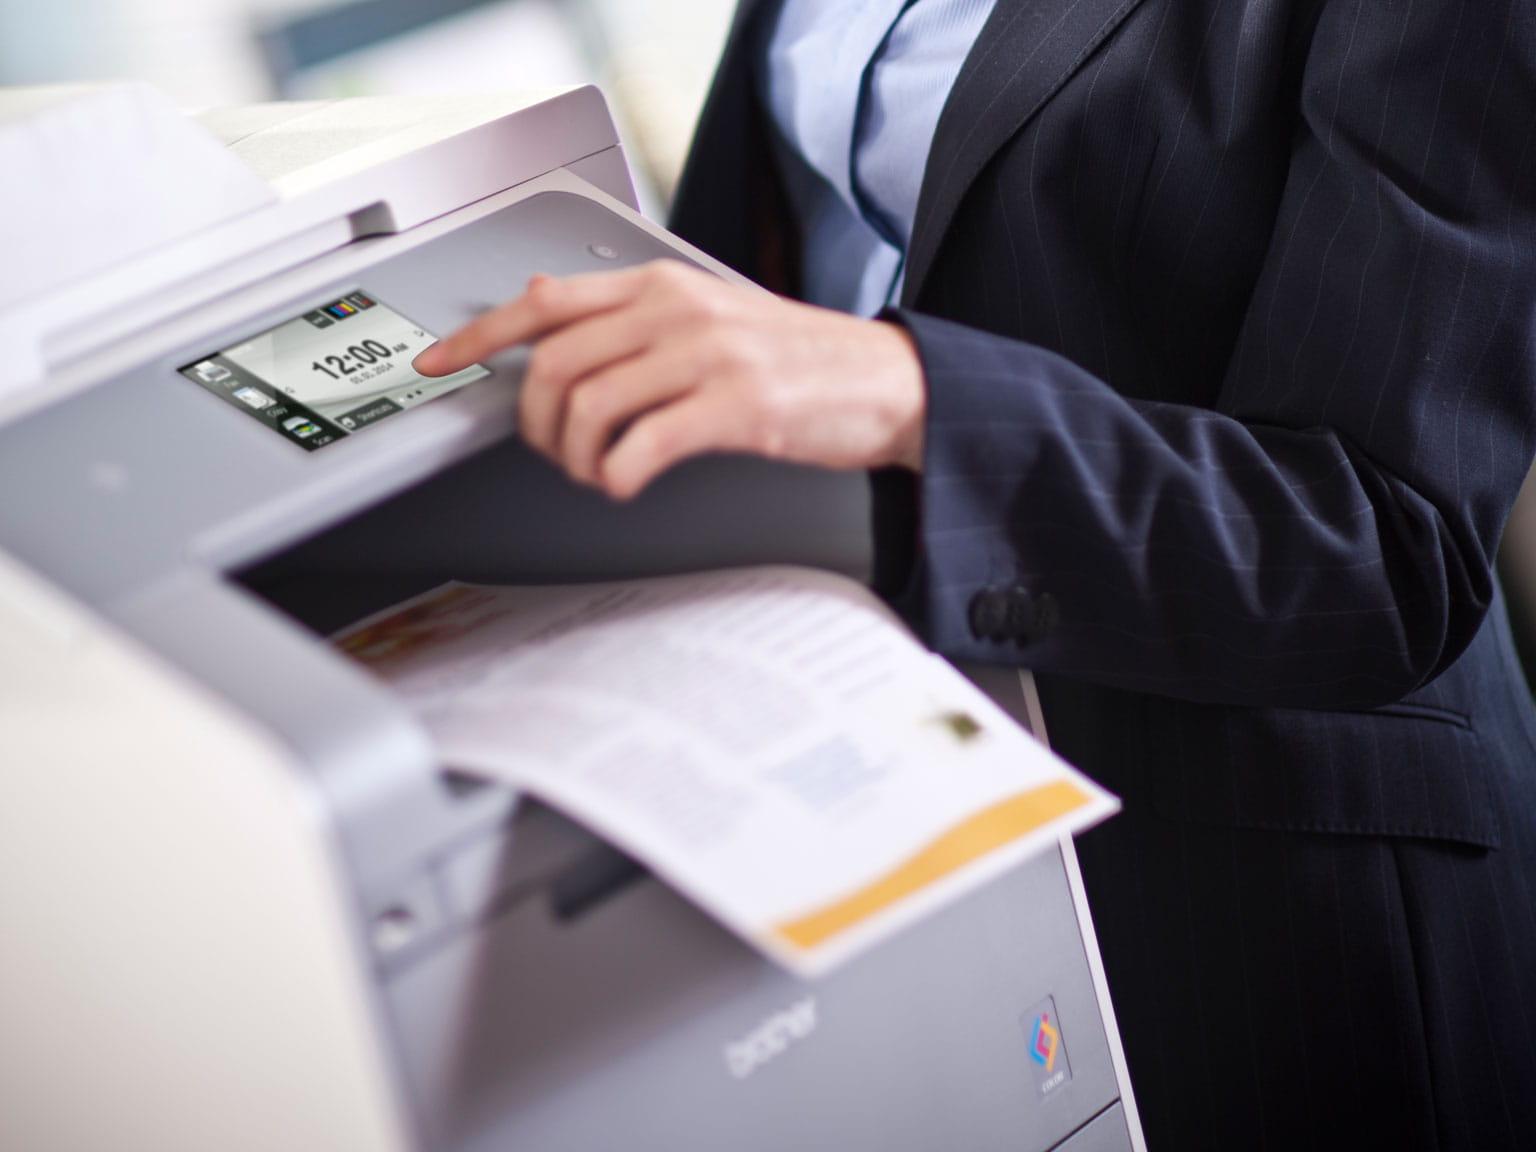 Velkopodnikový bezpečnostní tisk Print smart secure pro